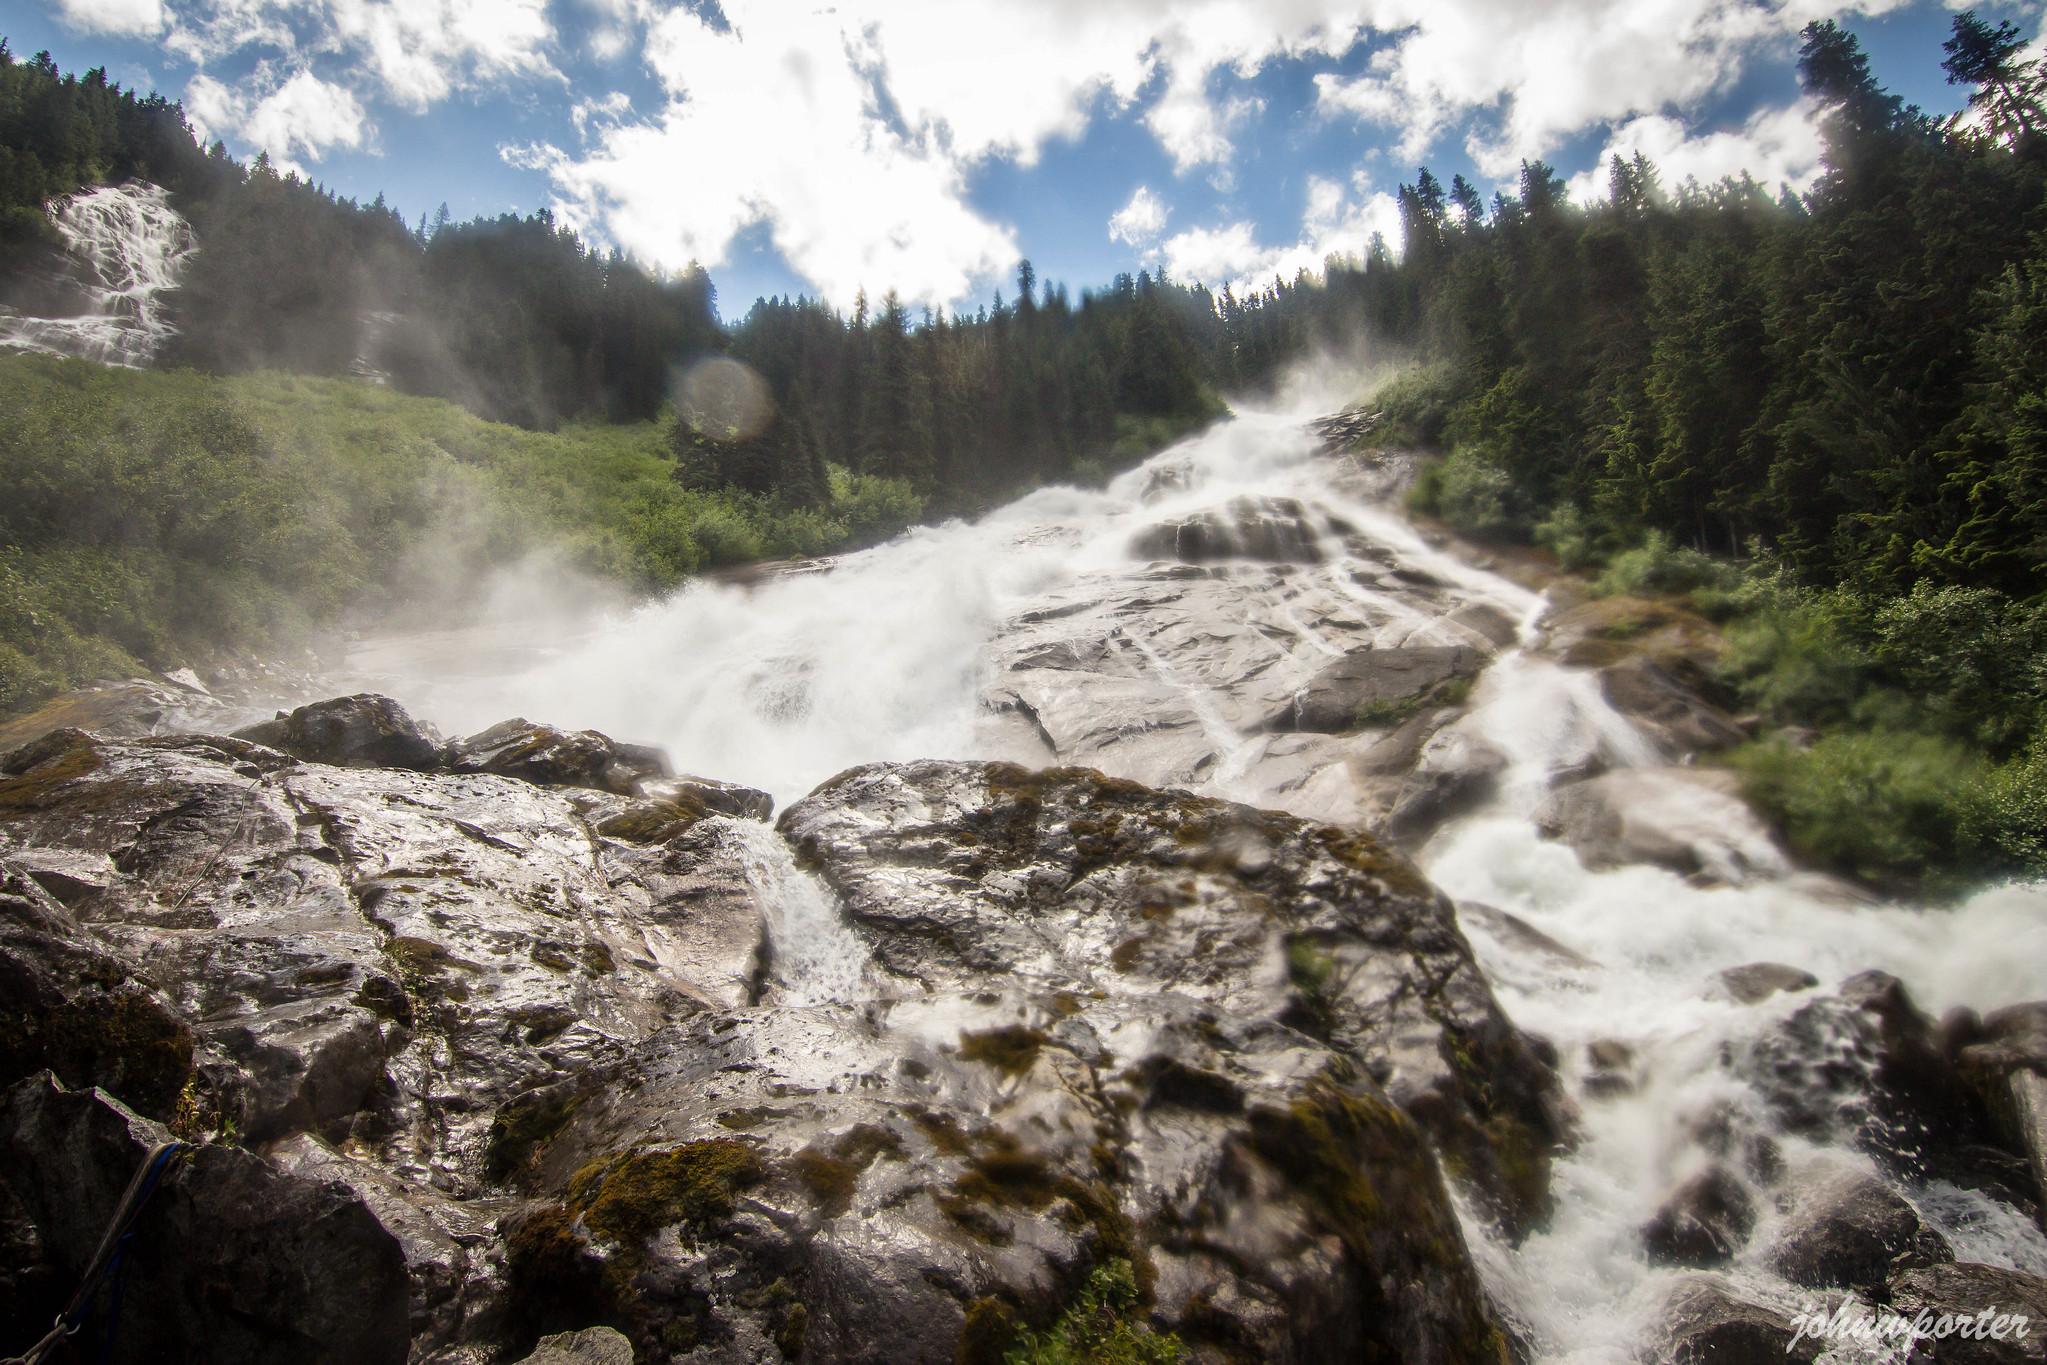 Depot Creek Falls pouring down